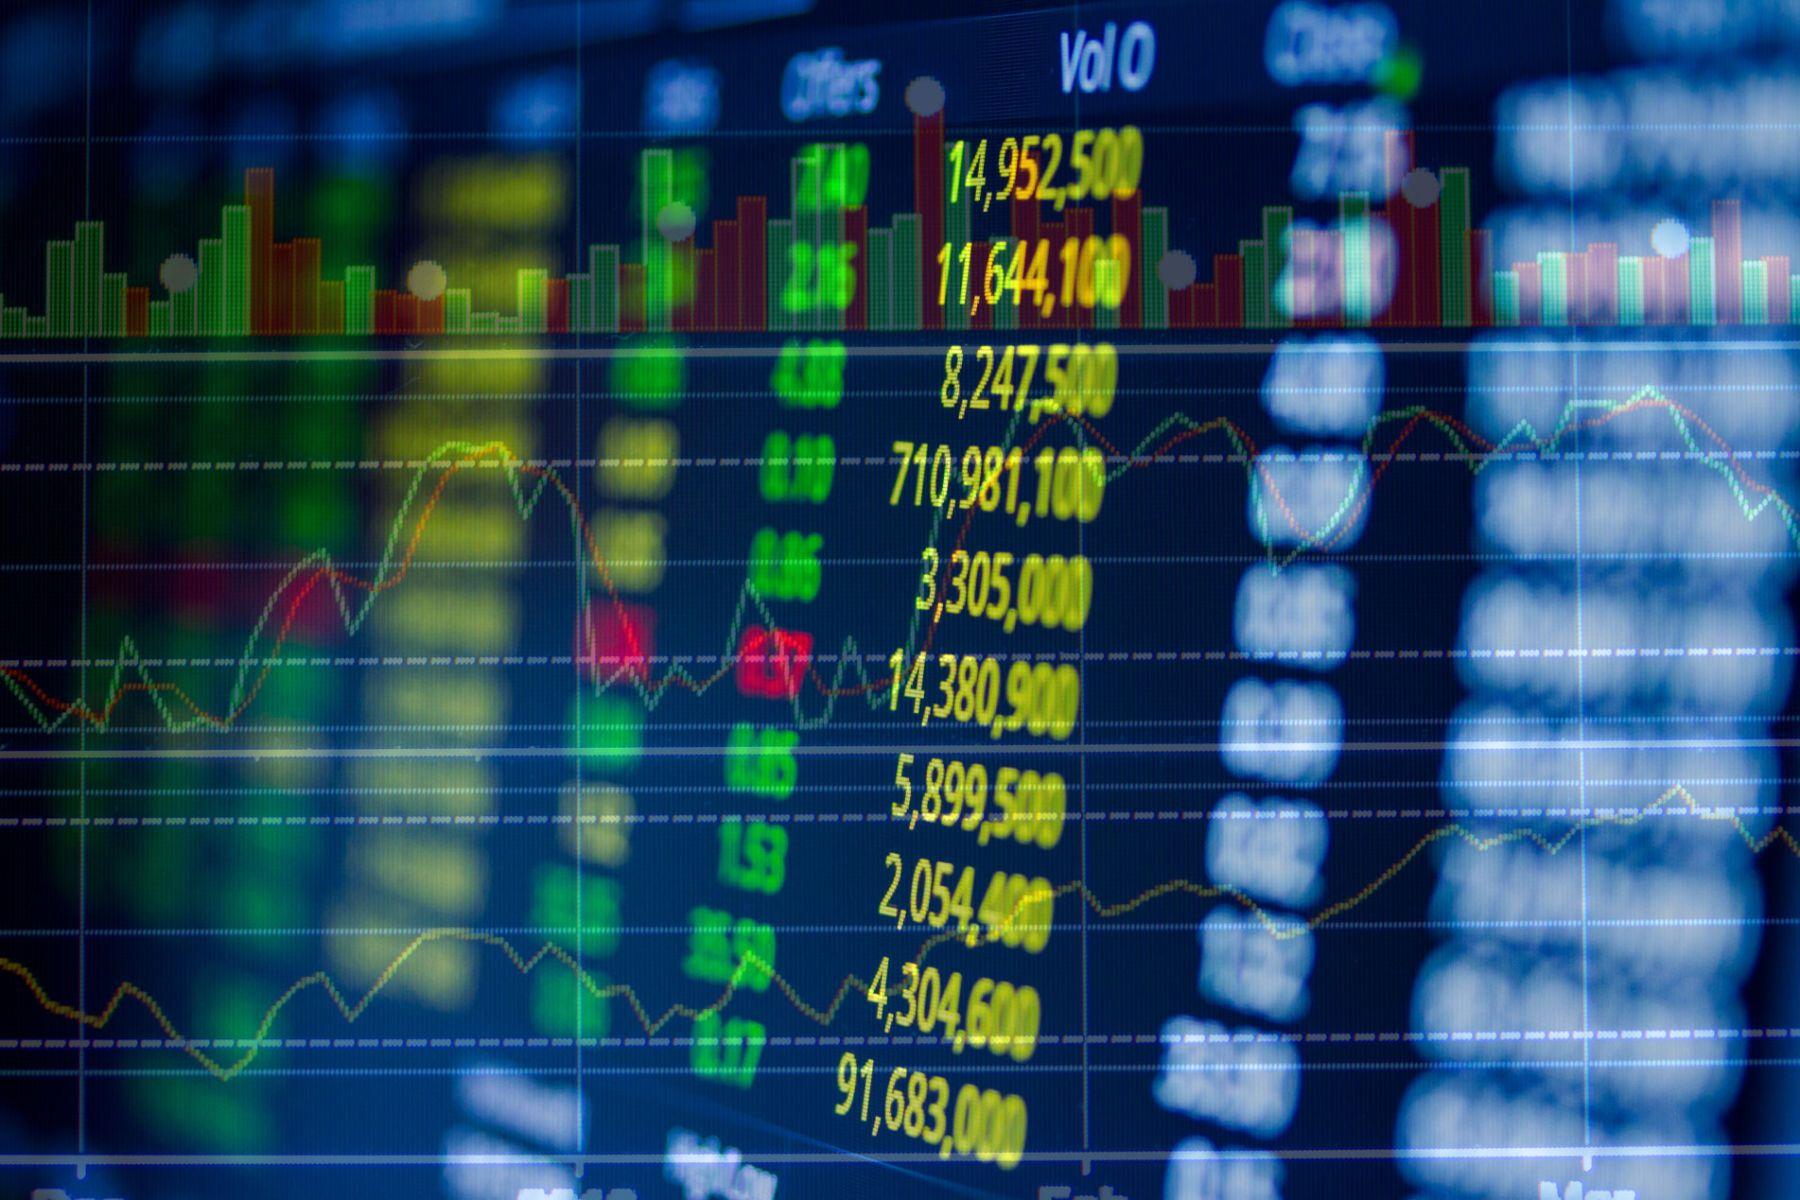 法巴證券需回補錯帳股票 台塑化直奔漲停